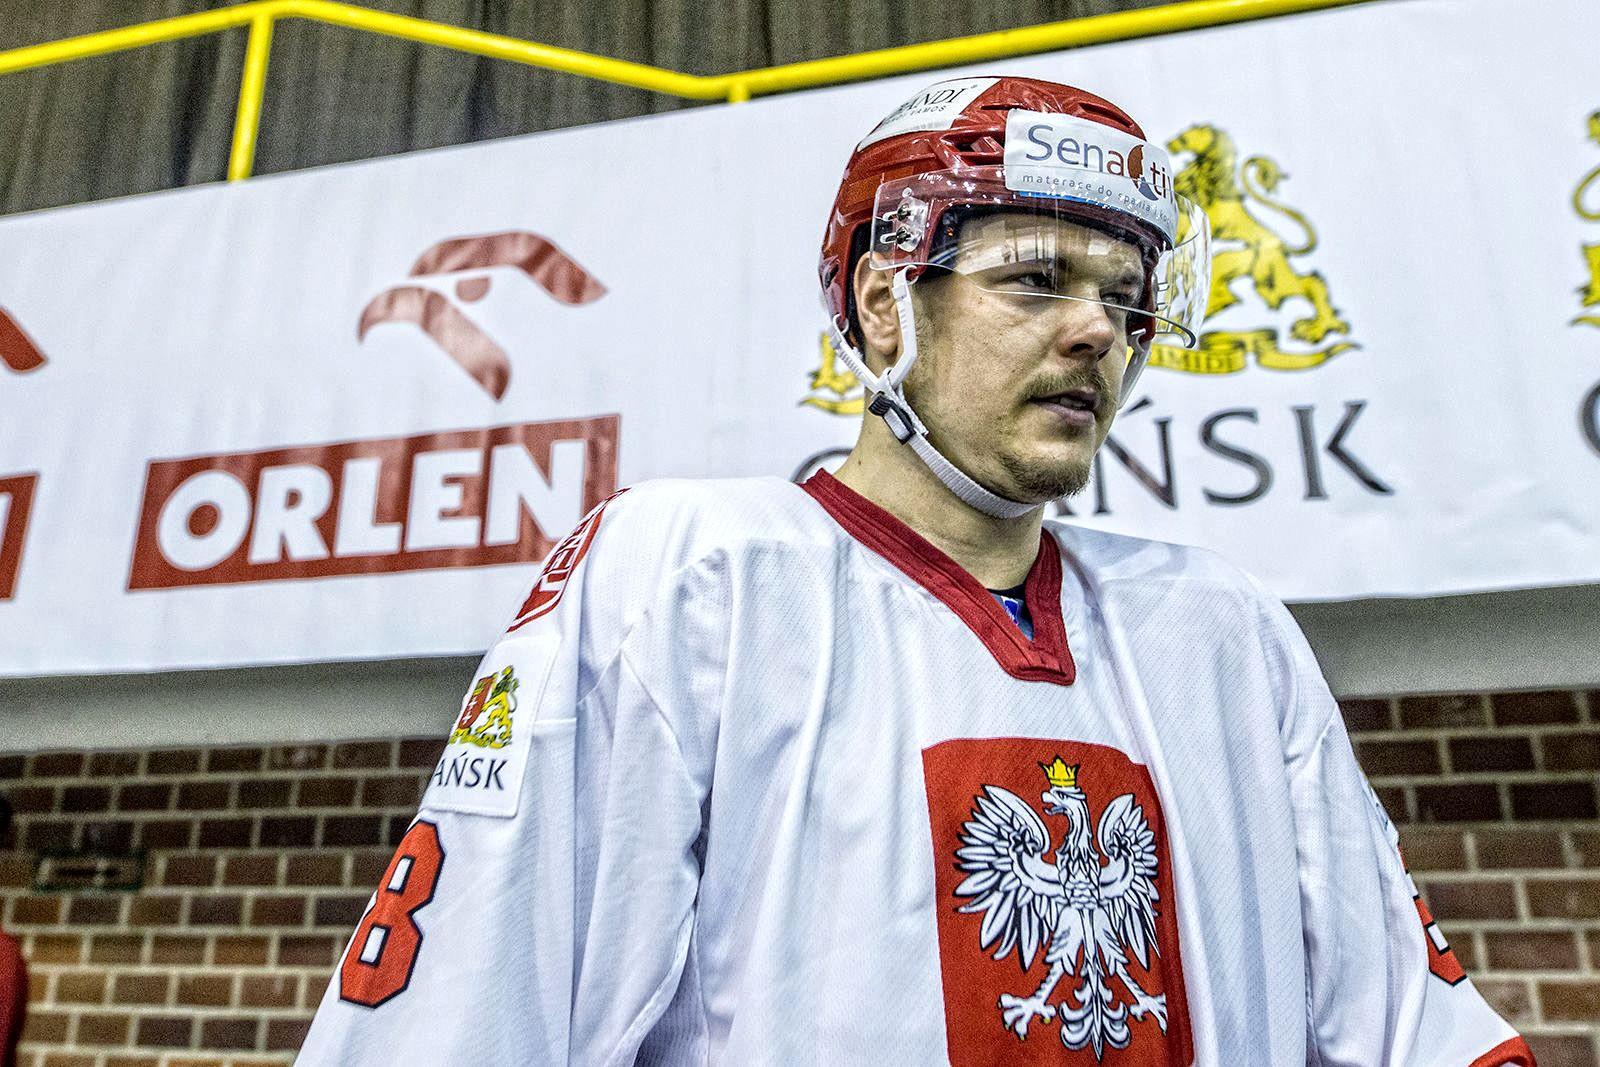 reprezentacja polski w hokeju001